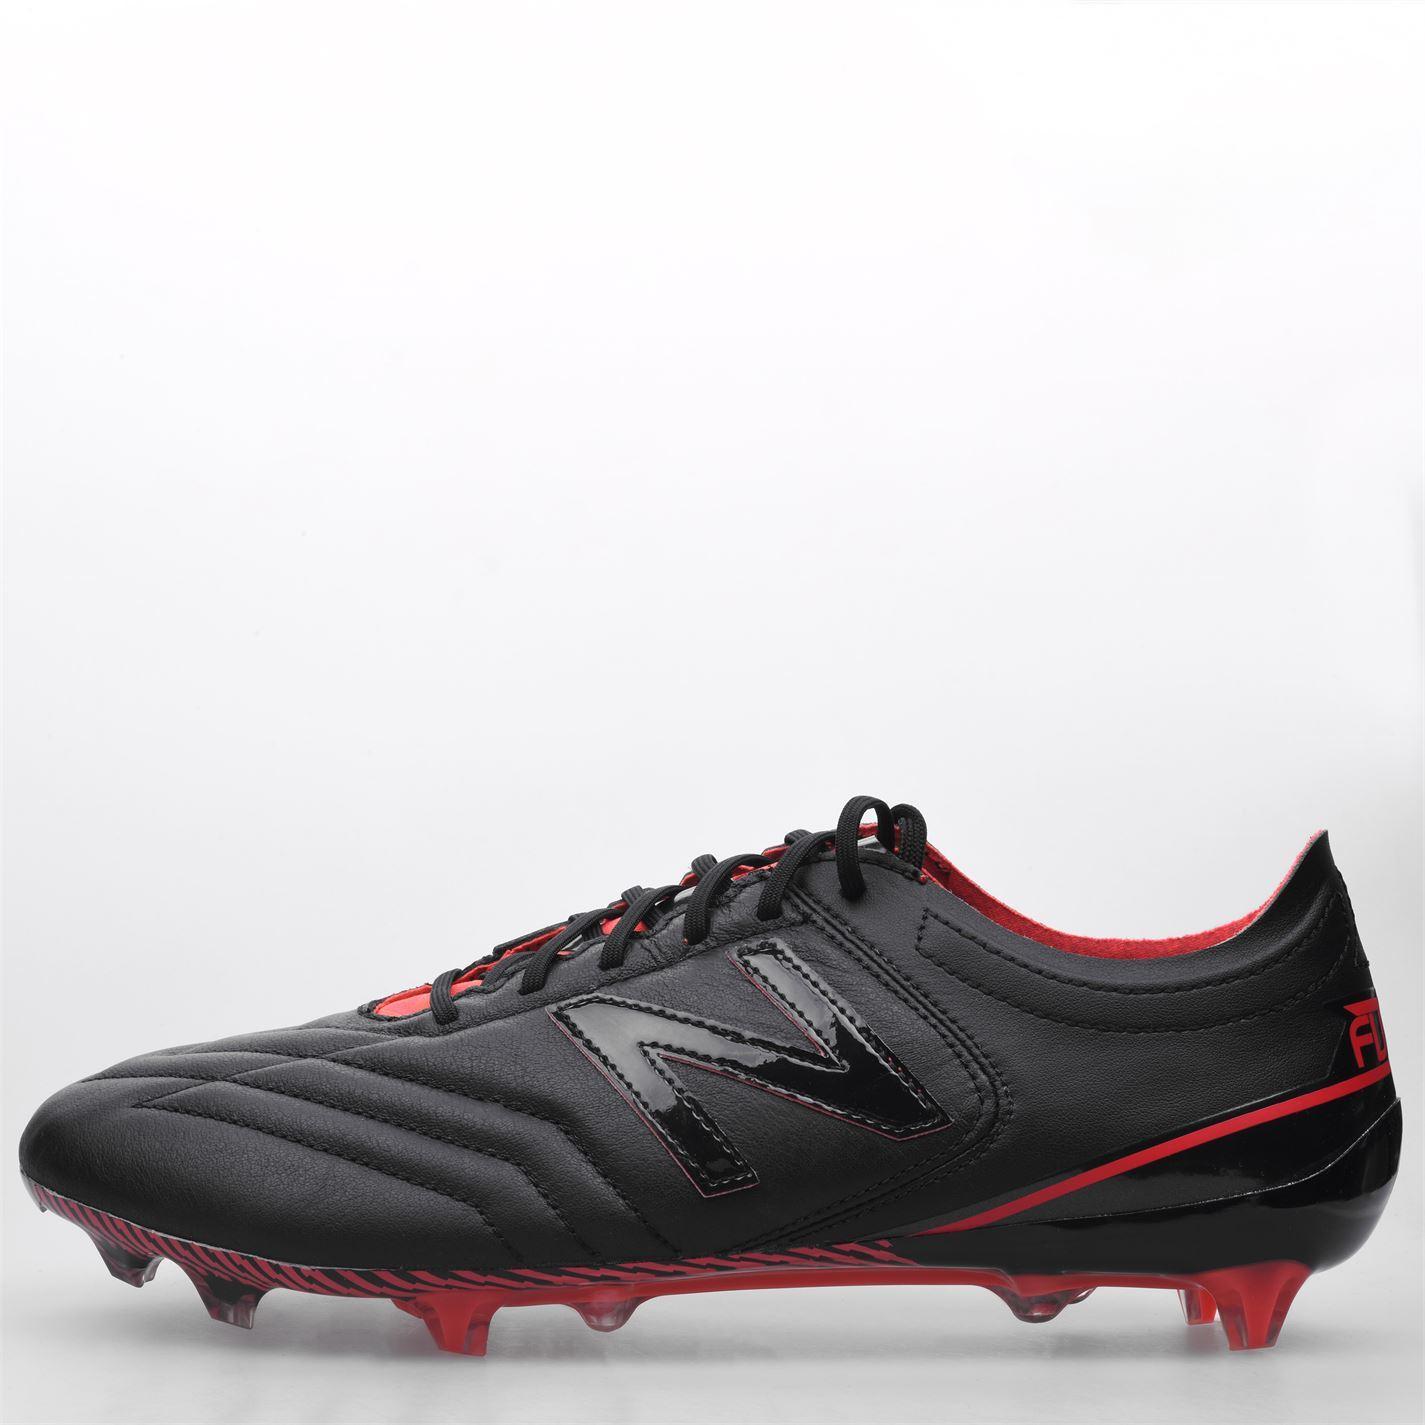 miniature 5 - New-Balance-Furon-3-0-K-cuir-homme-FG-Firm-Ground-Chaussures-De-Football-Soccer-Crampons